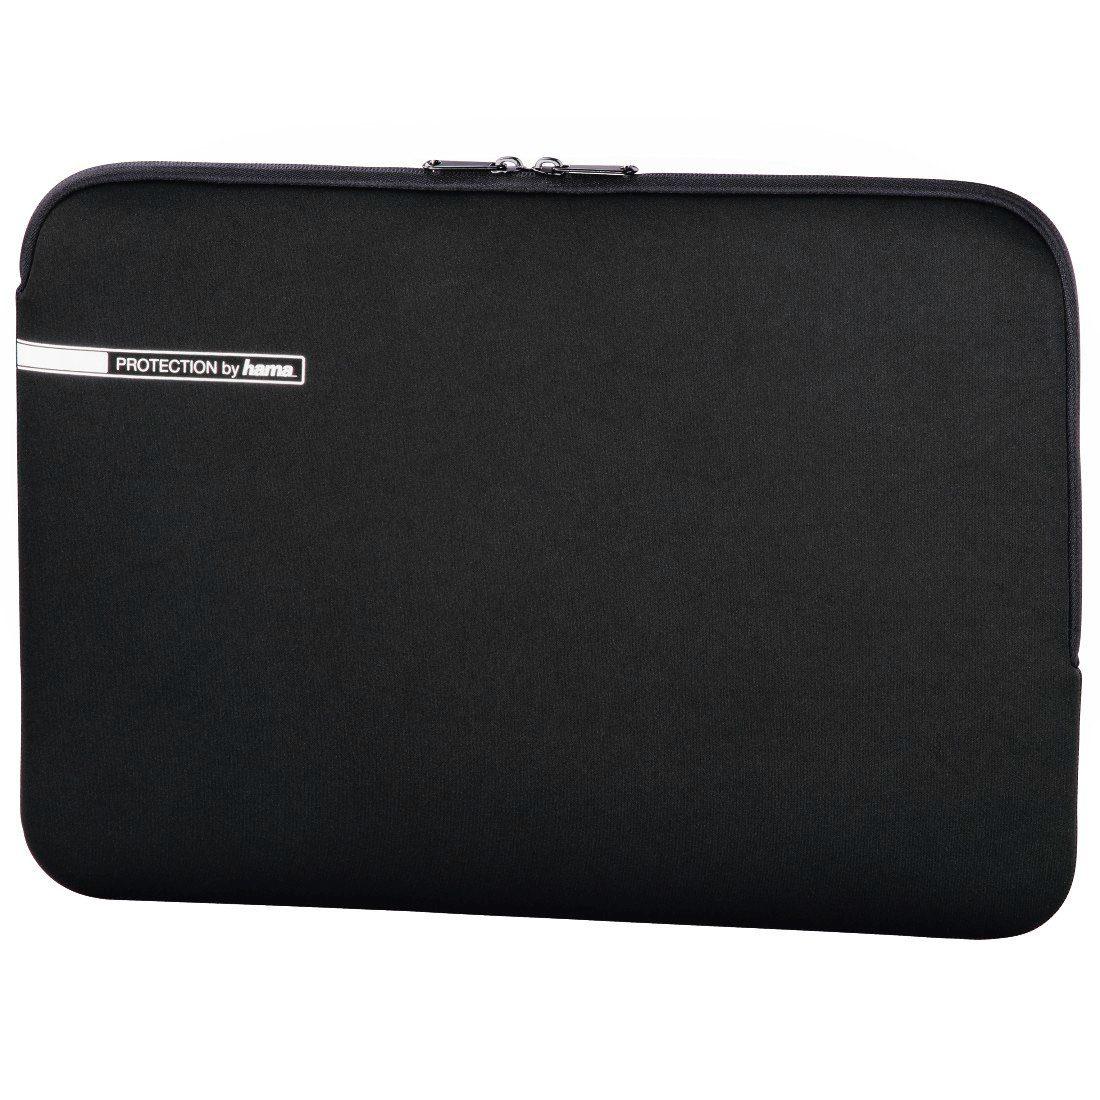 Hama Notebook Schutzhülle bis 34 cm (13,3 Zoll) Neopren Tasche »Hülle Sleeve für Laptop/Tablet«